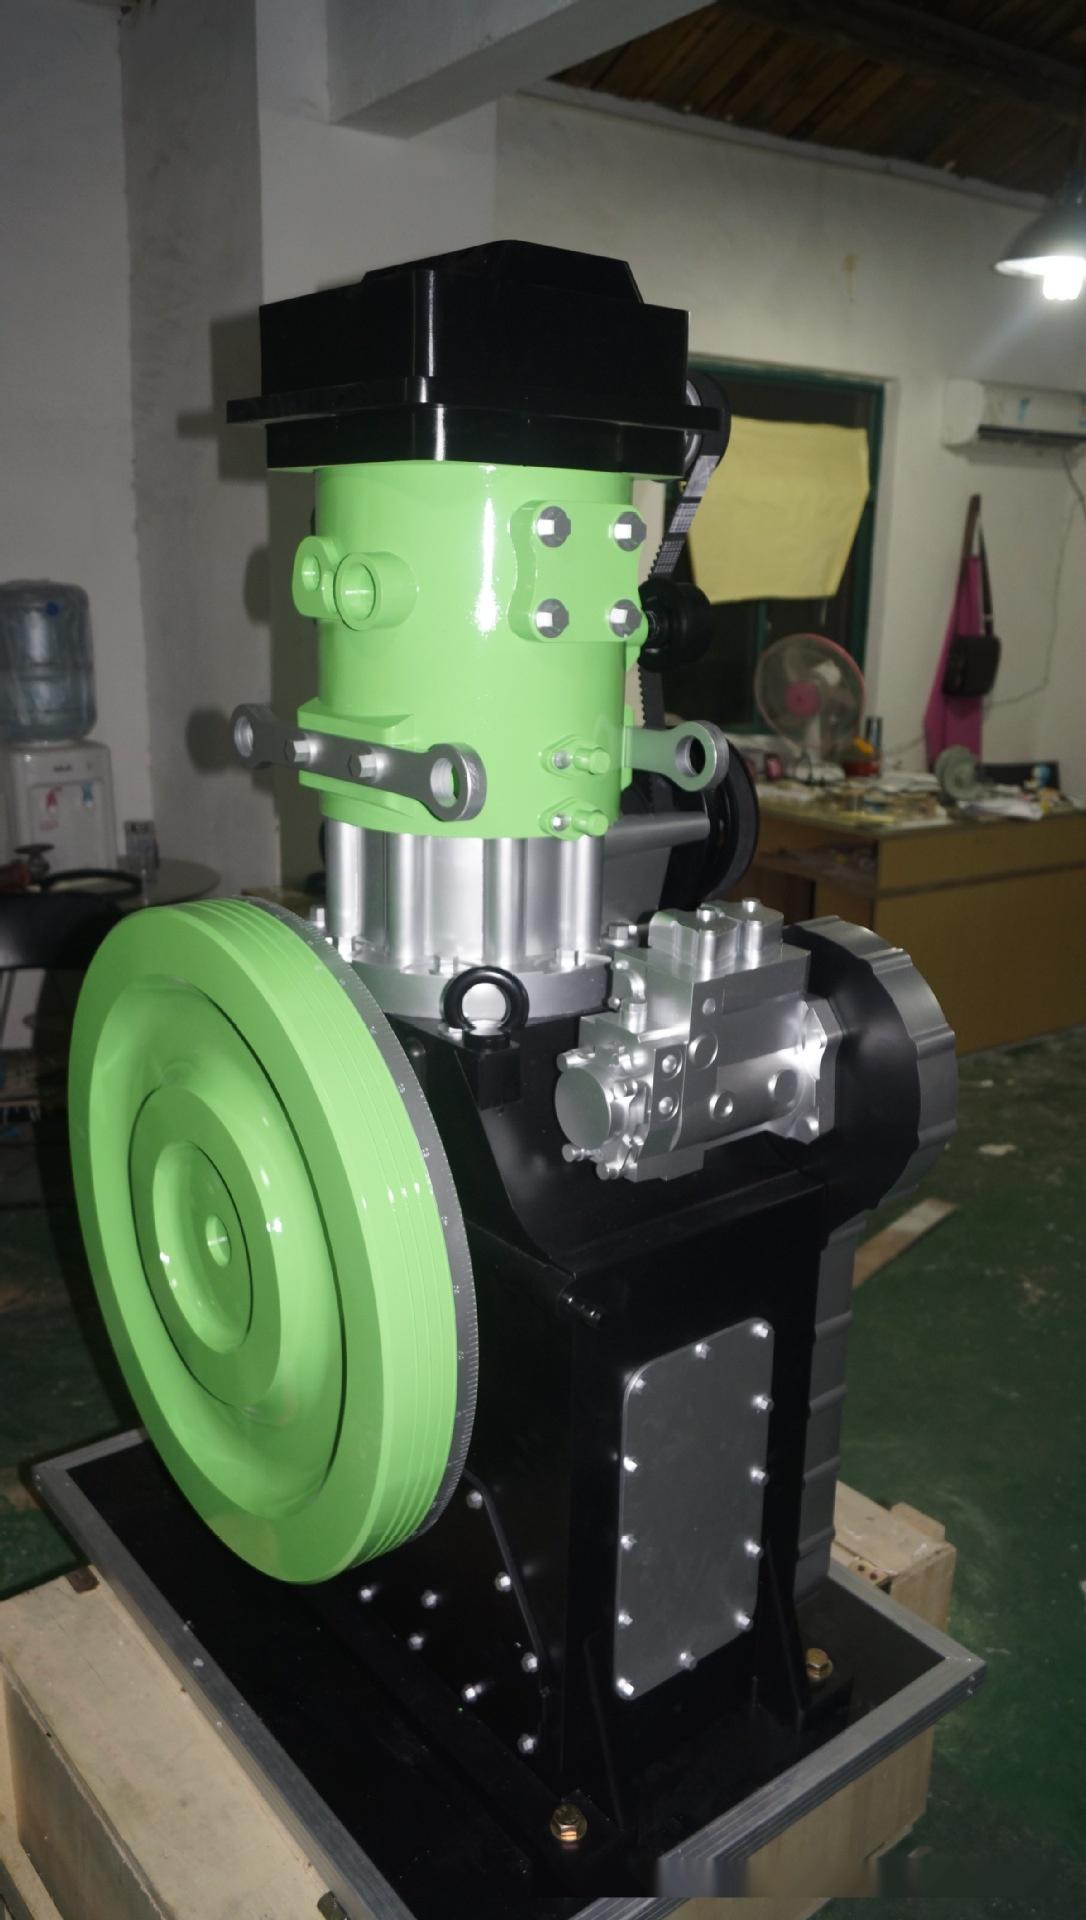 大型卡车价格_工业产品造型加工 工程机械模型 大型工业模型制作 模型出租 ...